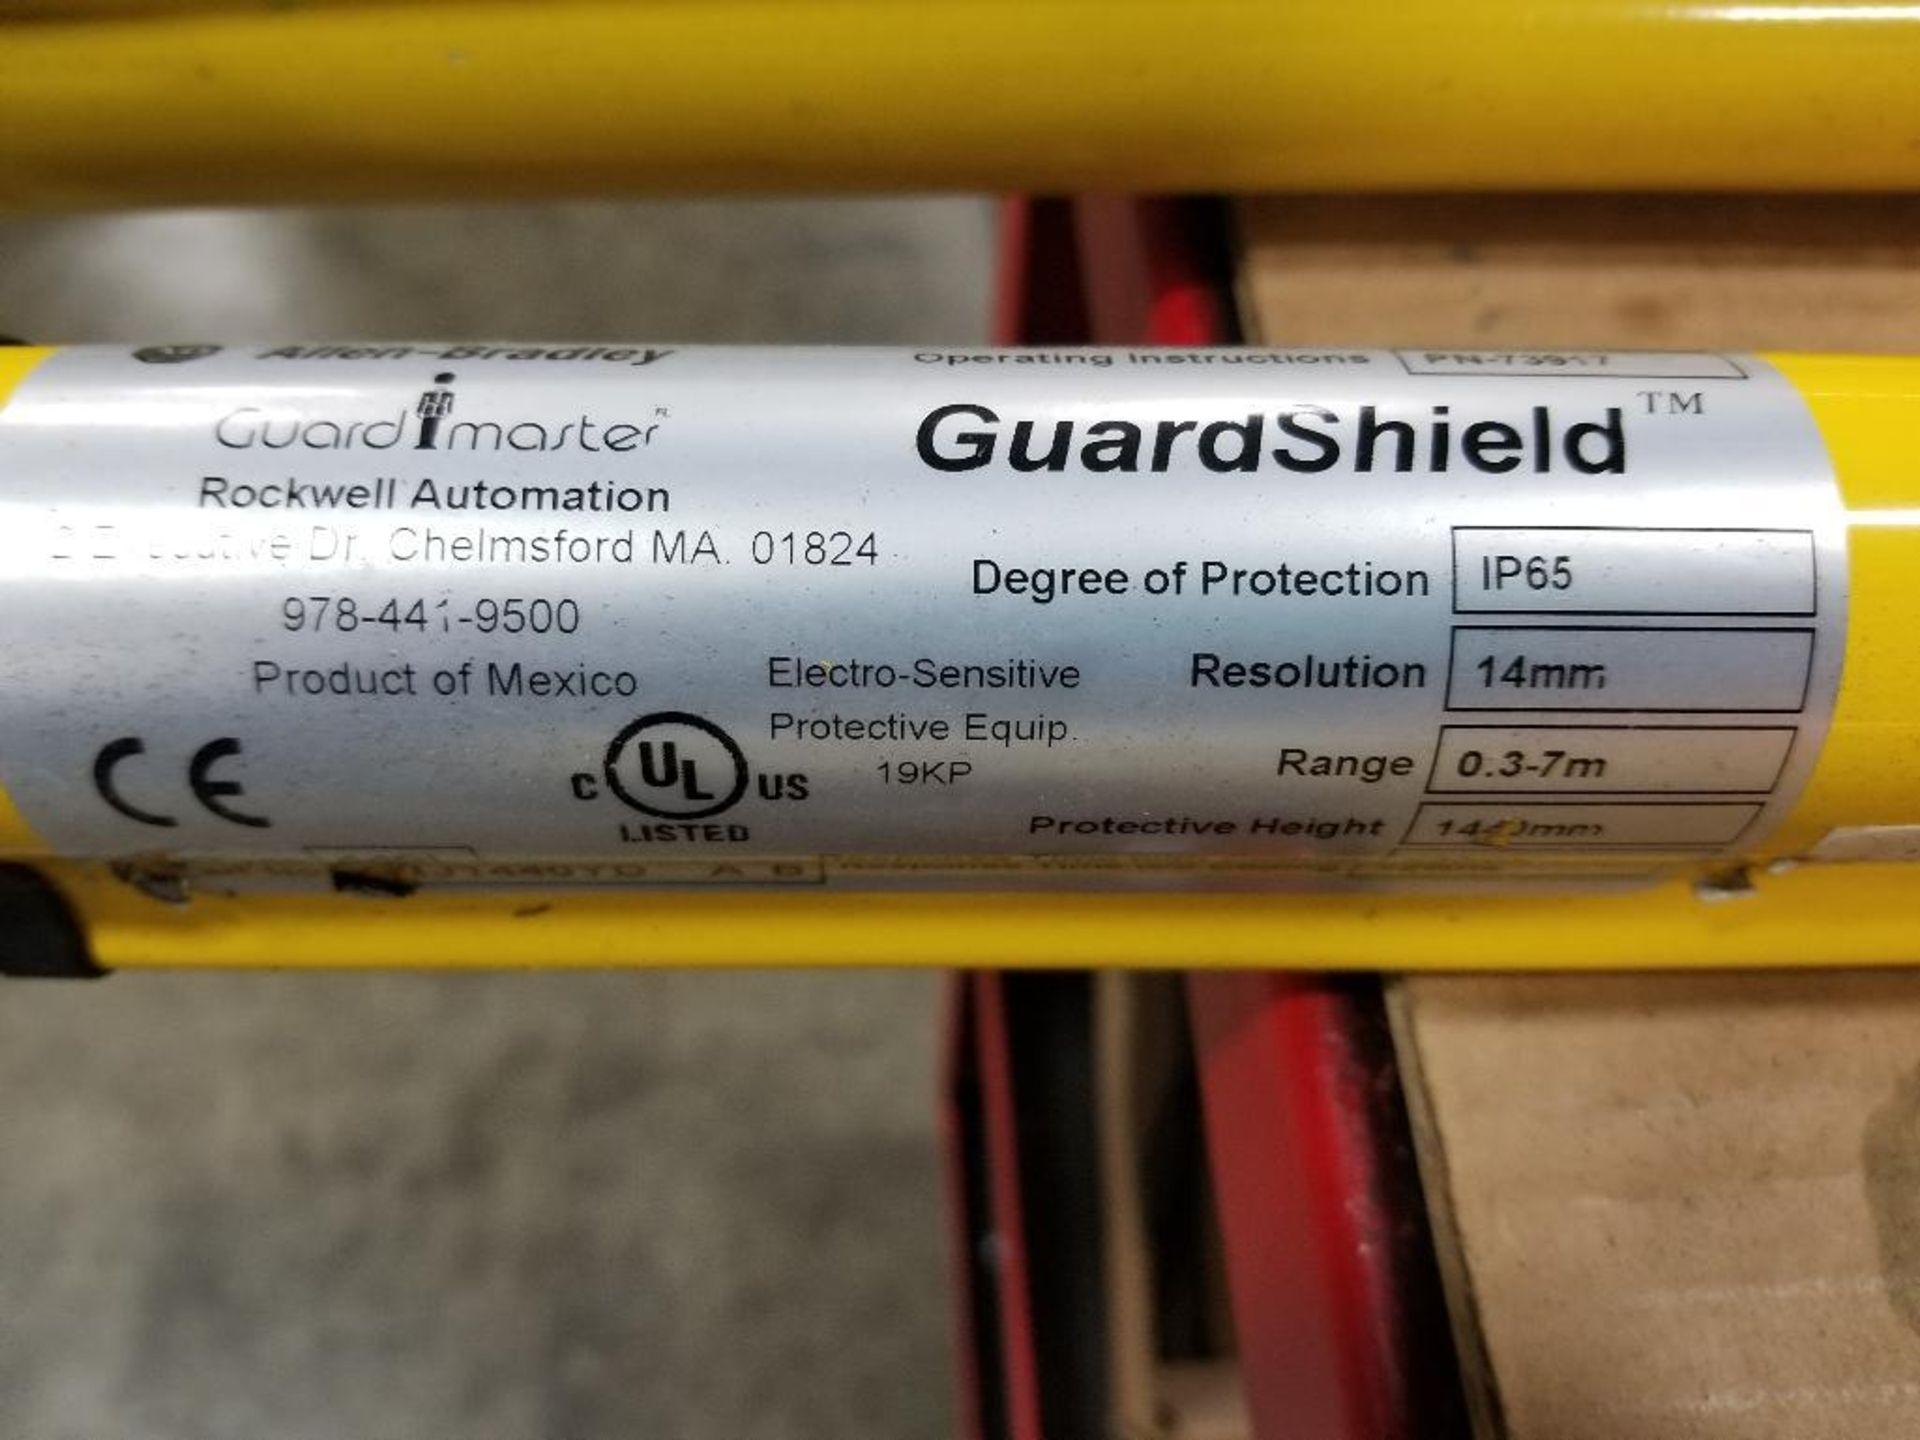 Allen Bradley Light curtain transmitter / receiver set. GuardMaster GuardShield T4J440YD 4K0AM1EF. - Image 5 of 23